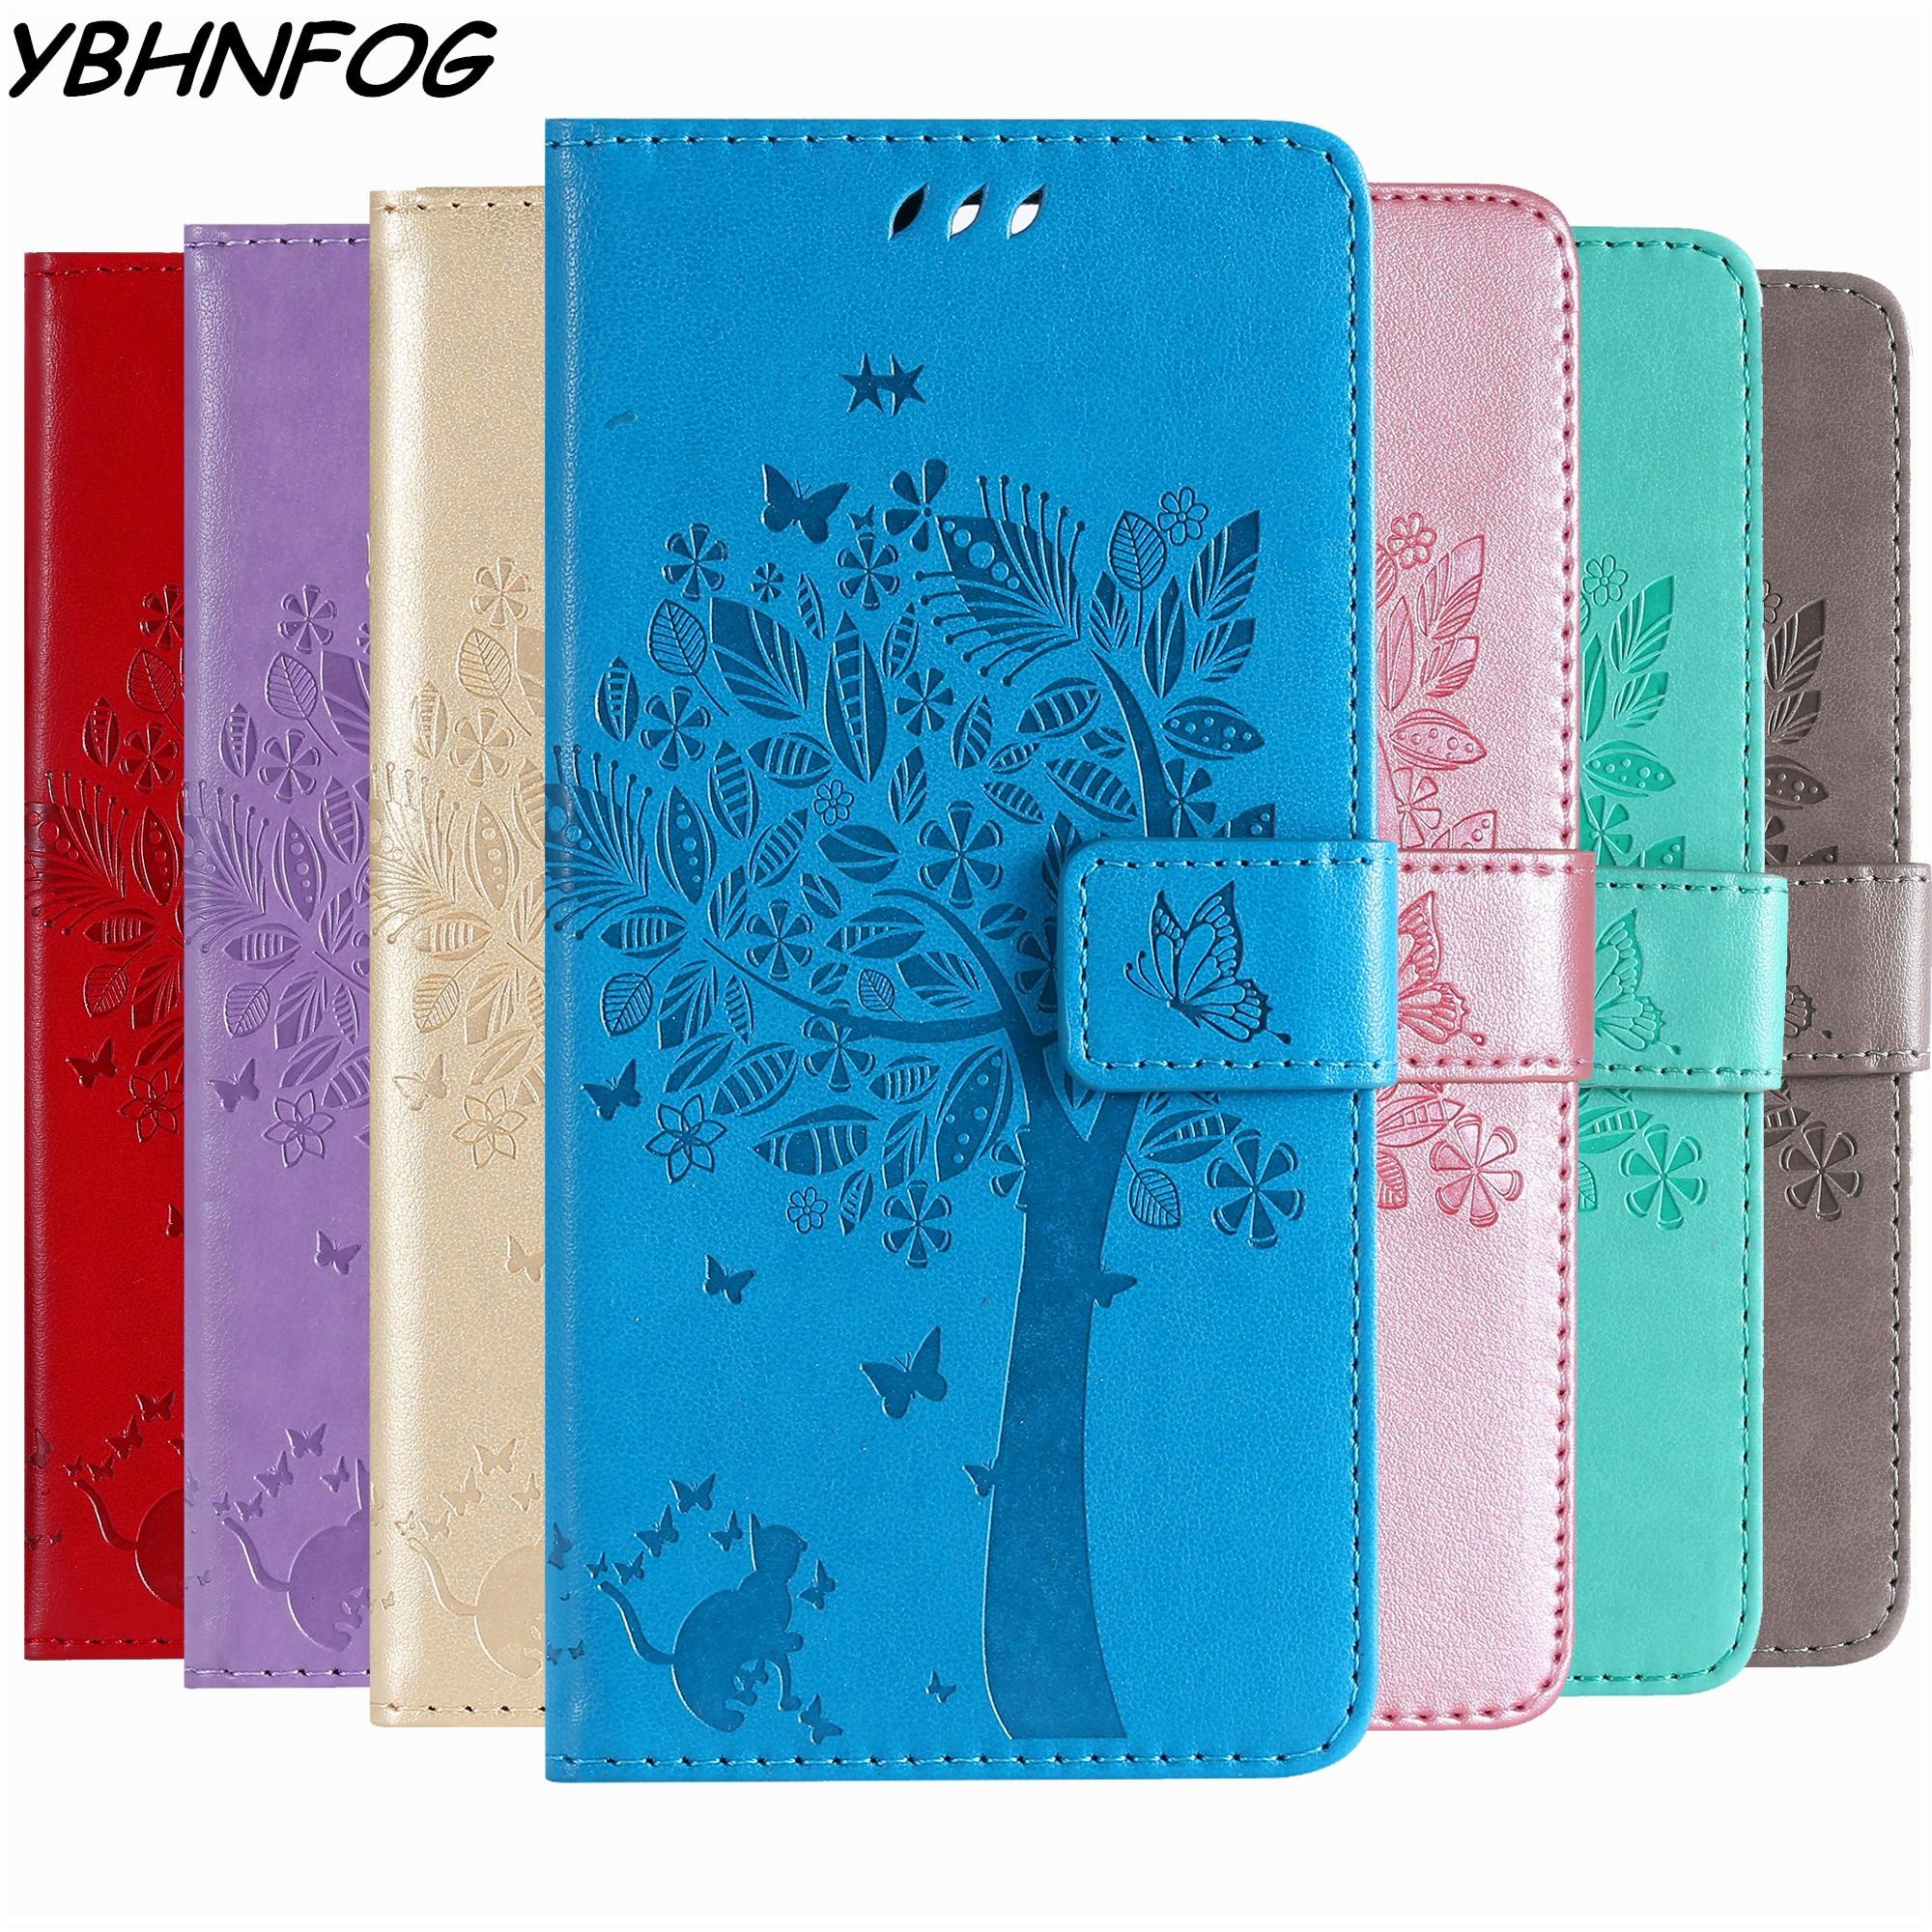 De Lujo Flip para Samsung Galaxy A20E A10 A30 A40 A50 A60 A70 A80 A51 A71 A6 A7 A8 A9 2018 Cartera de cuero magnético cubierta de libro